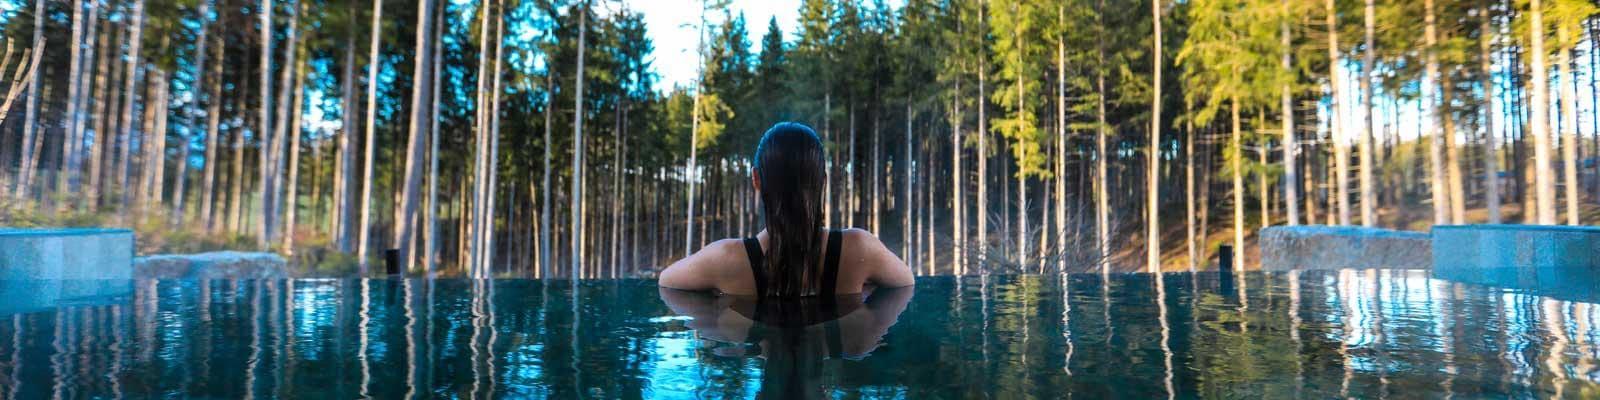 wellness vakantie in zuid duitsland of frankrijk